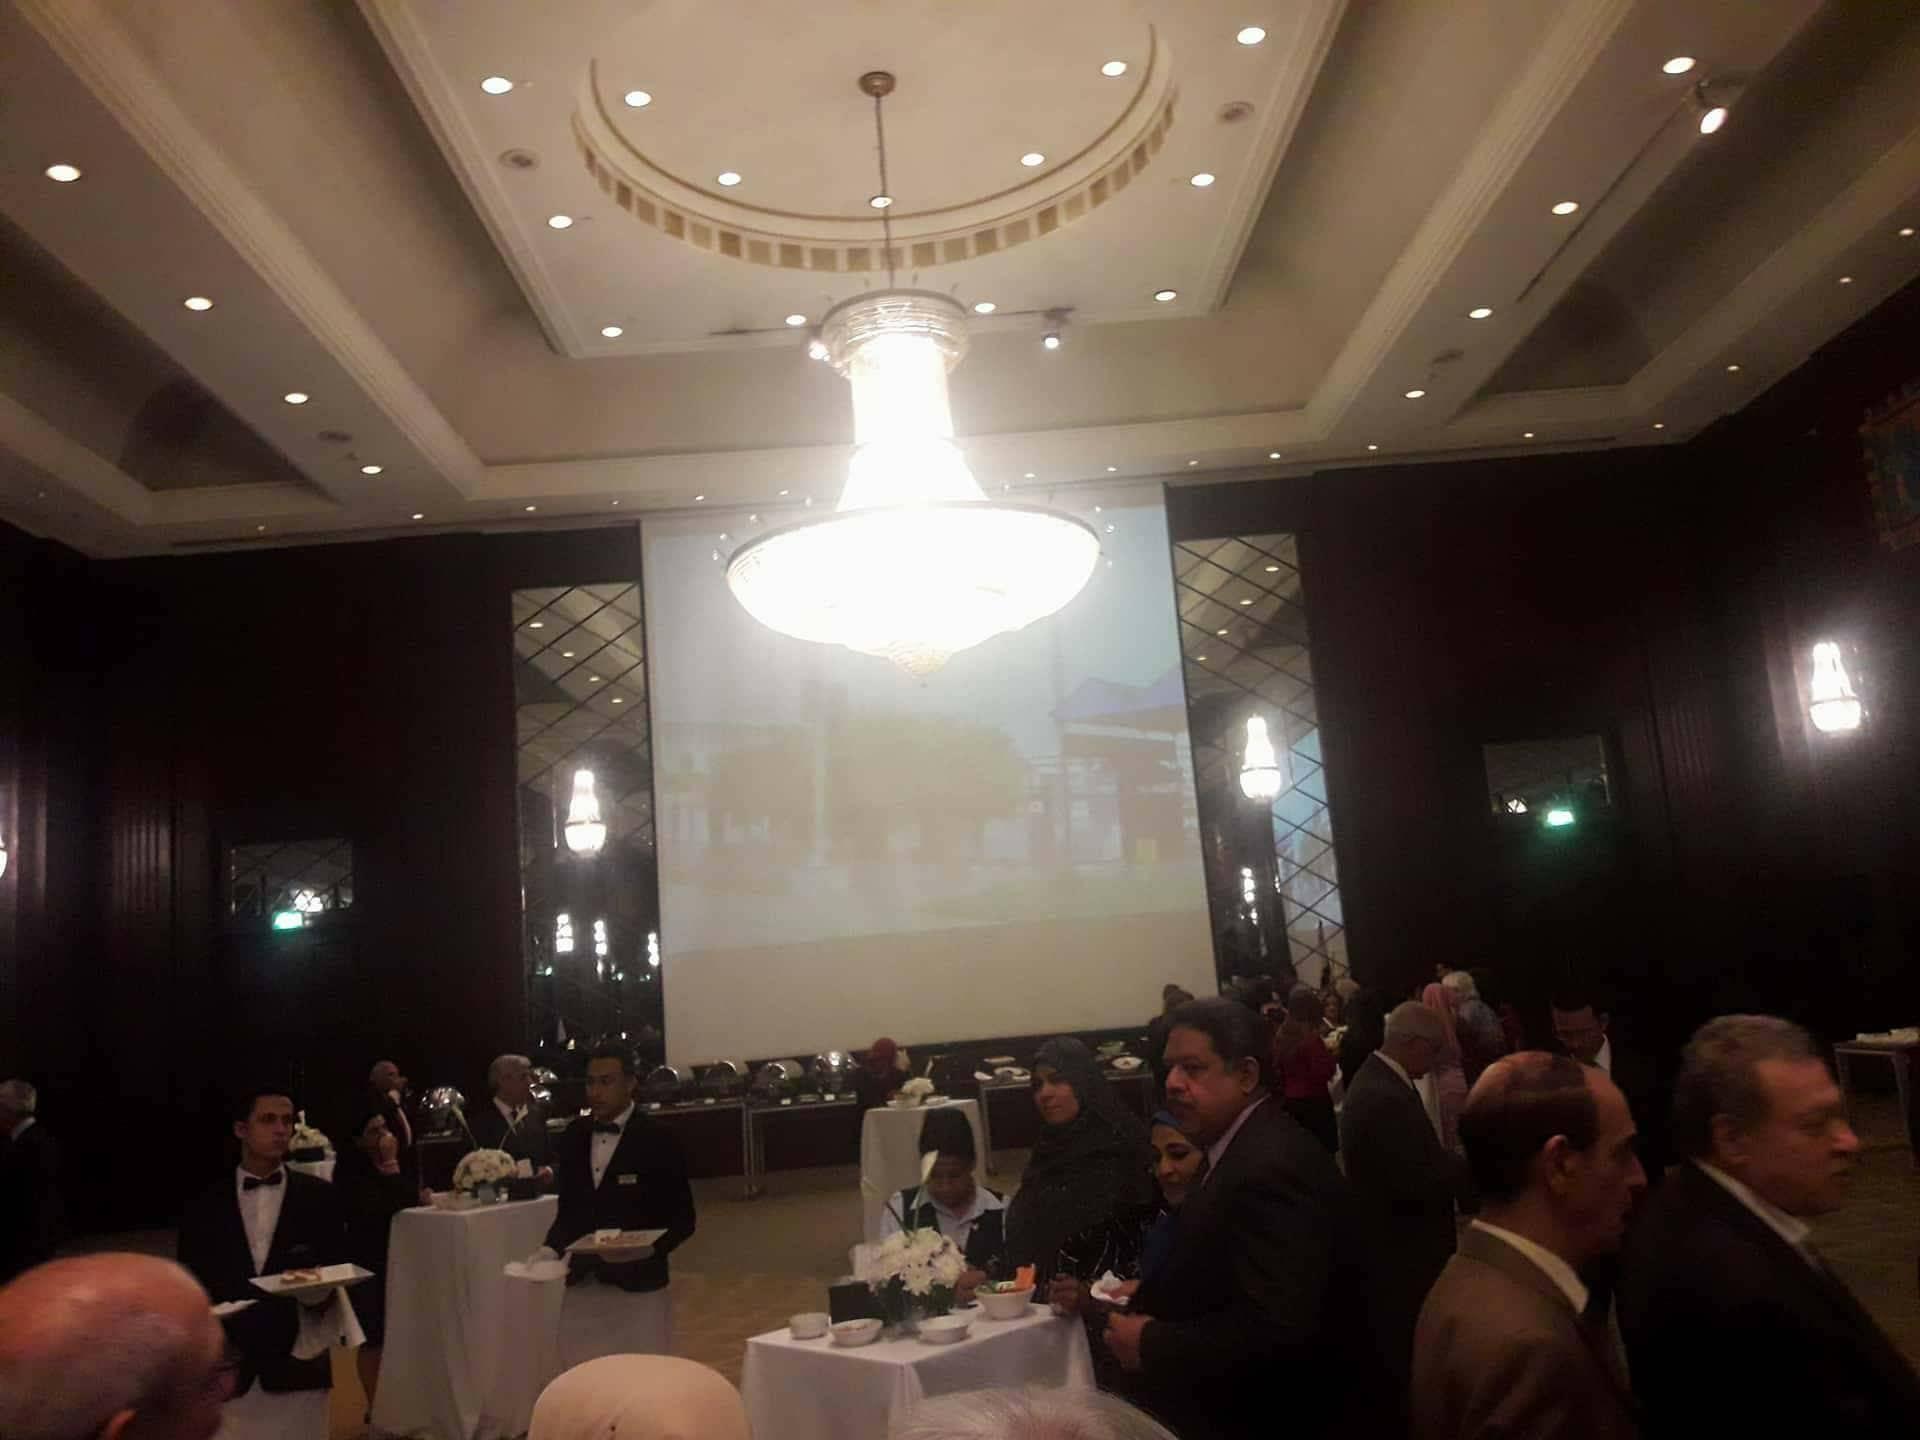 بالصور : أحتفالية سفارة باكستان في القاهرة بالعيد القومي لدولة باكستان